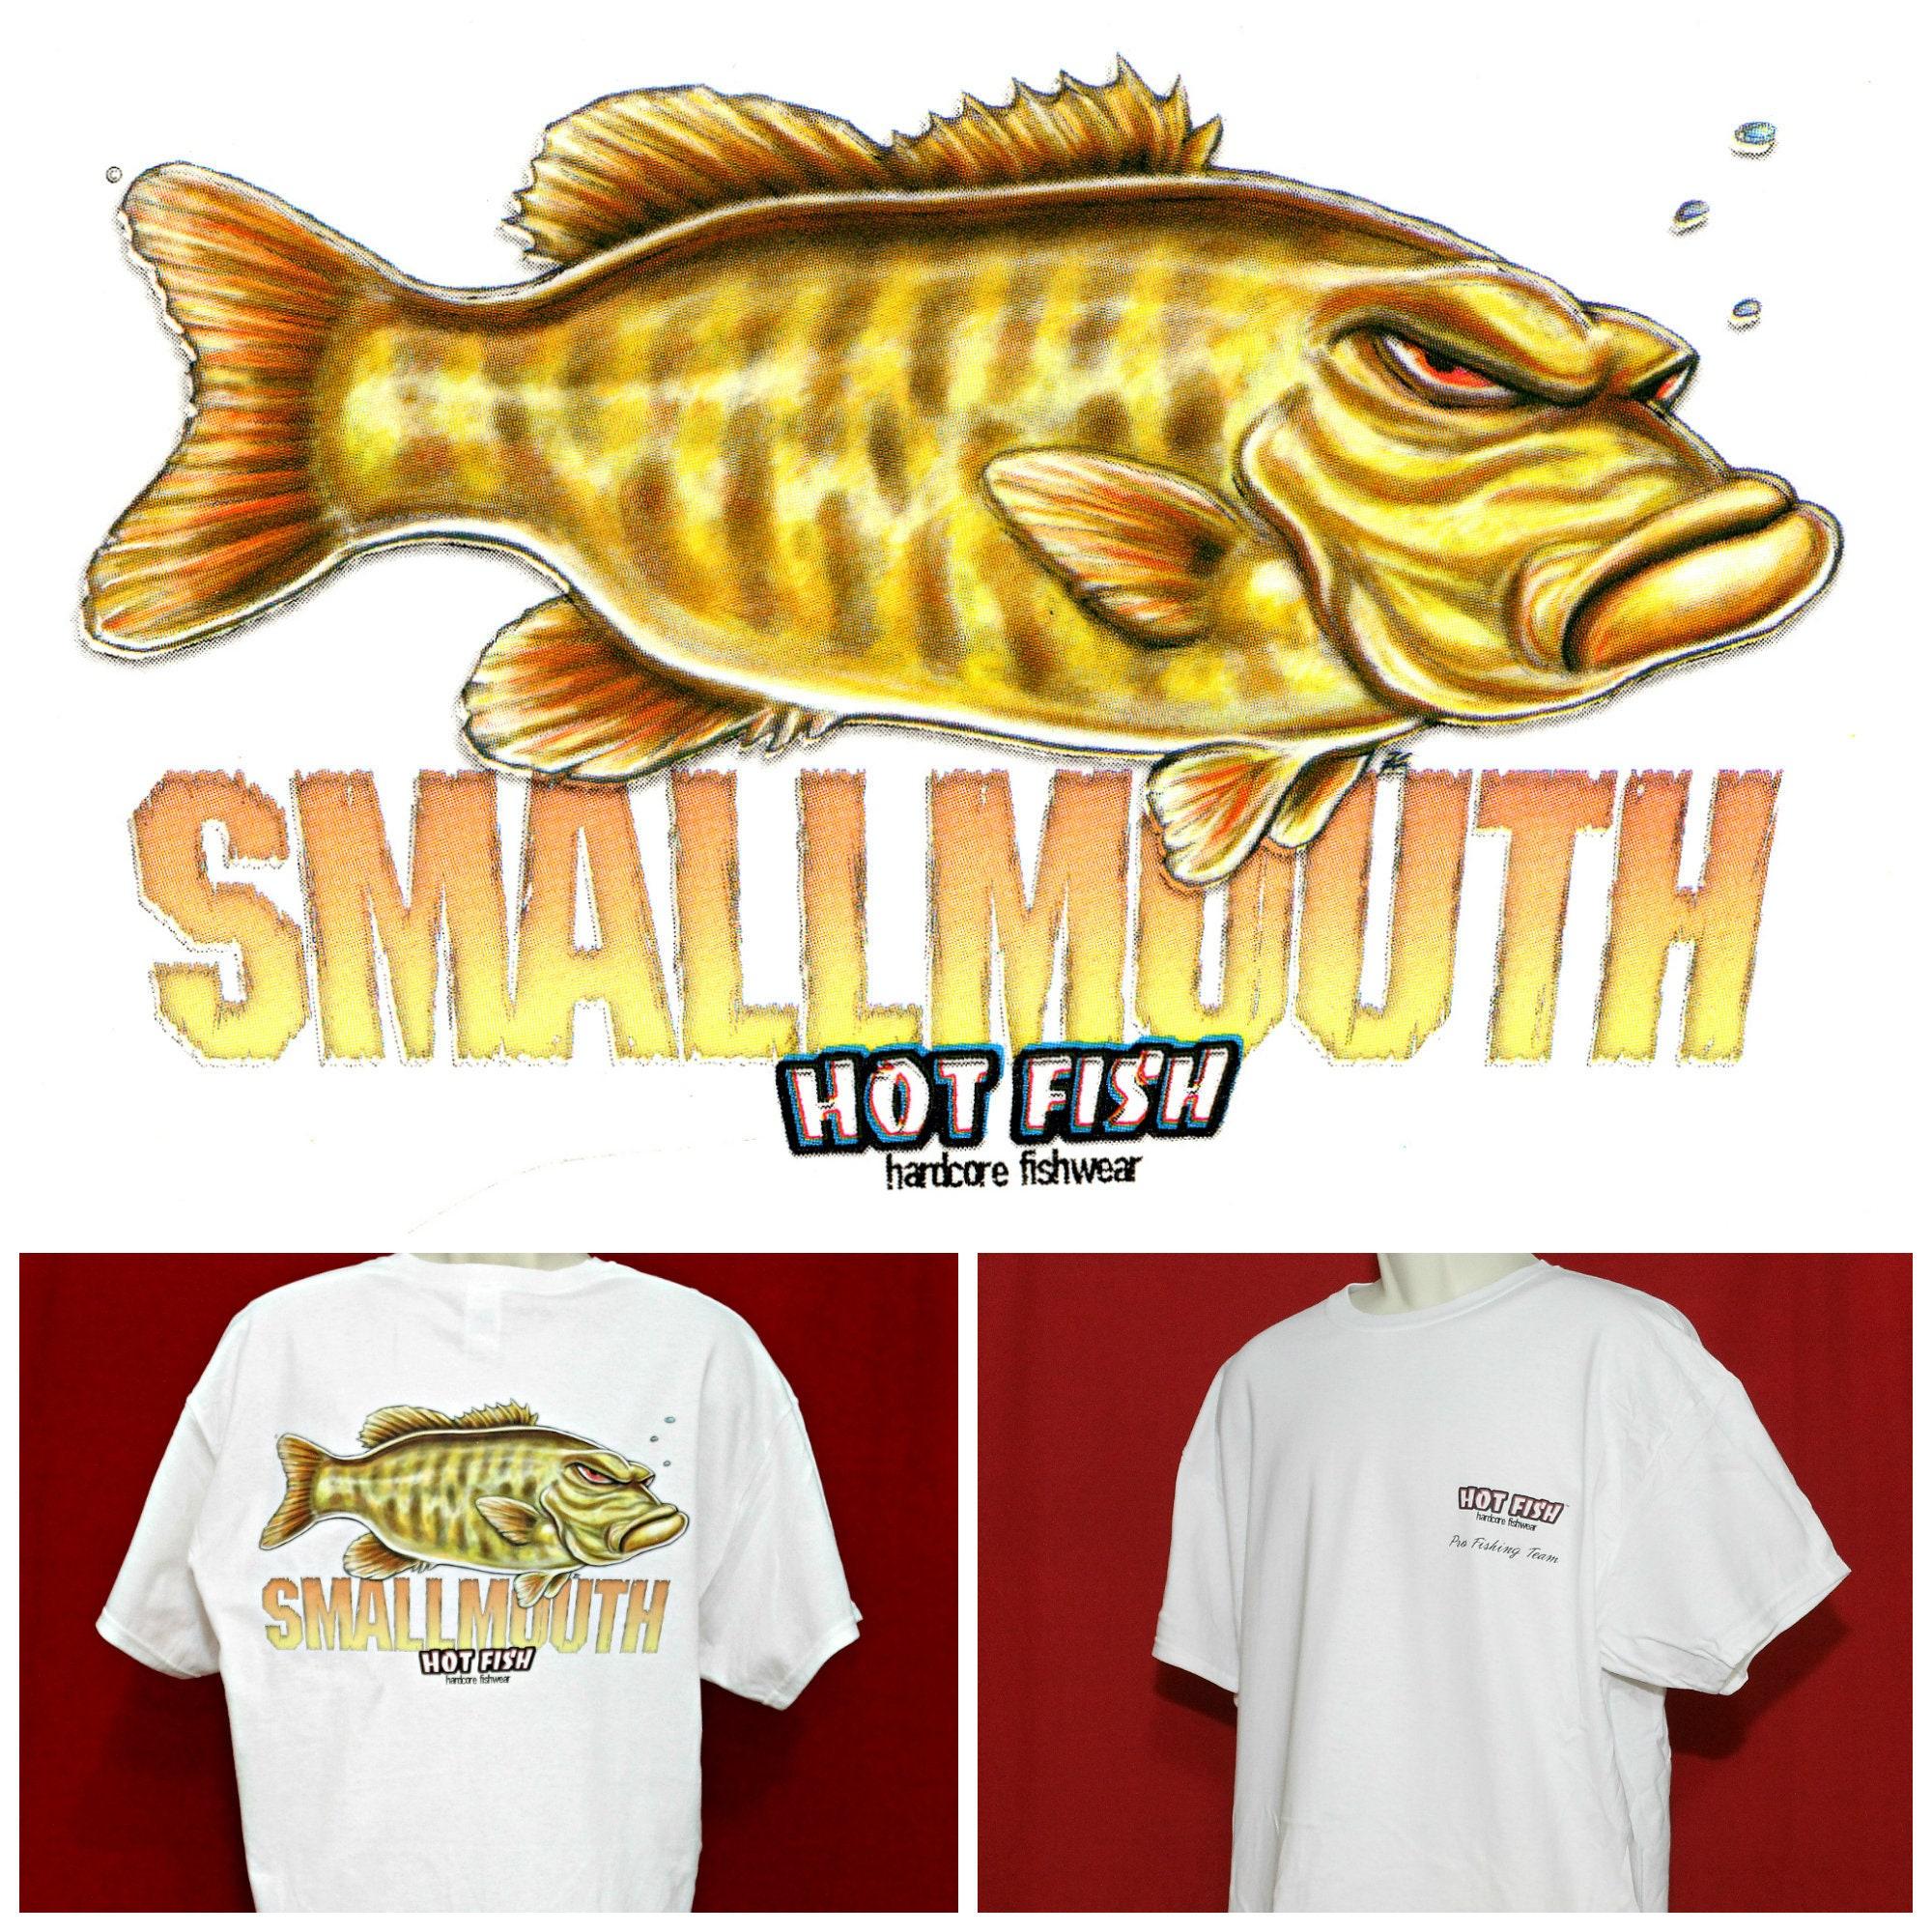 Grumpy Angry Funny Fish Shirt Smallmouth Bass Small Mouth Etsy